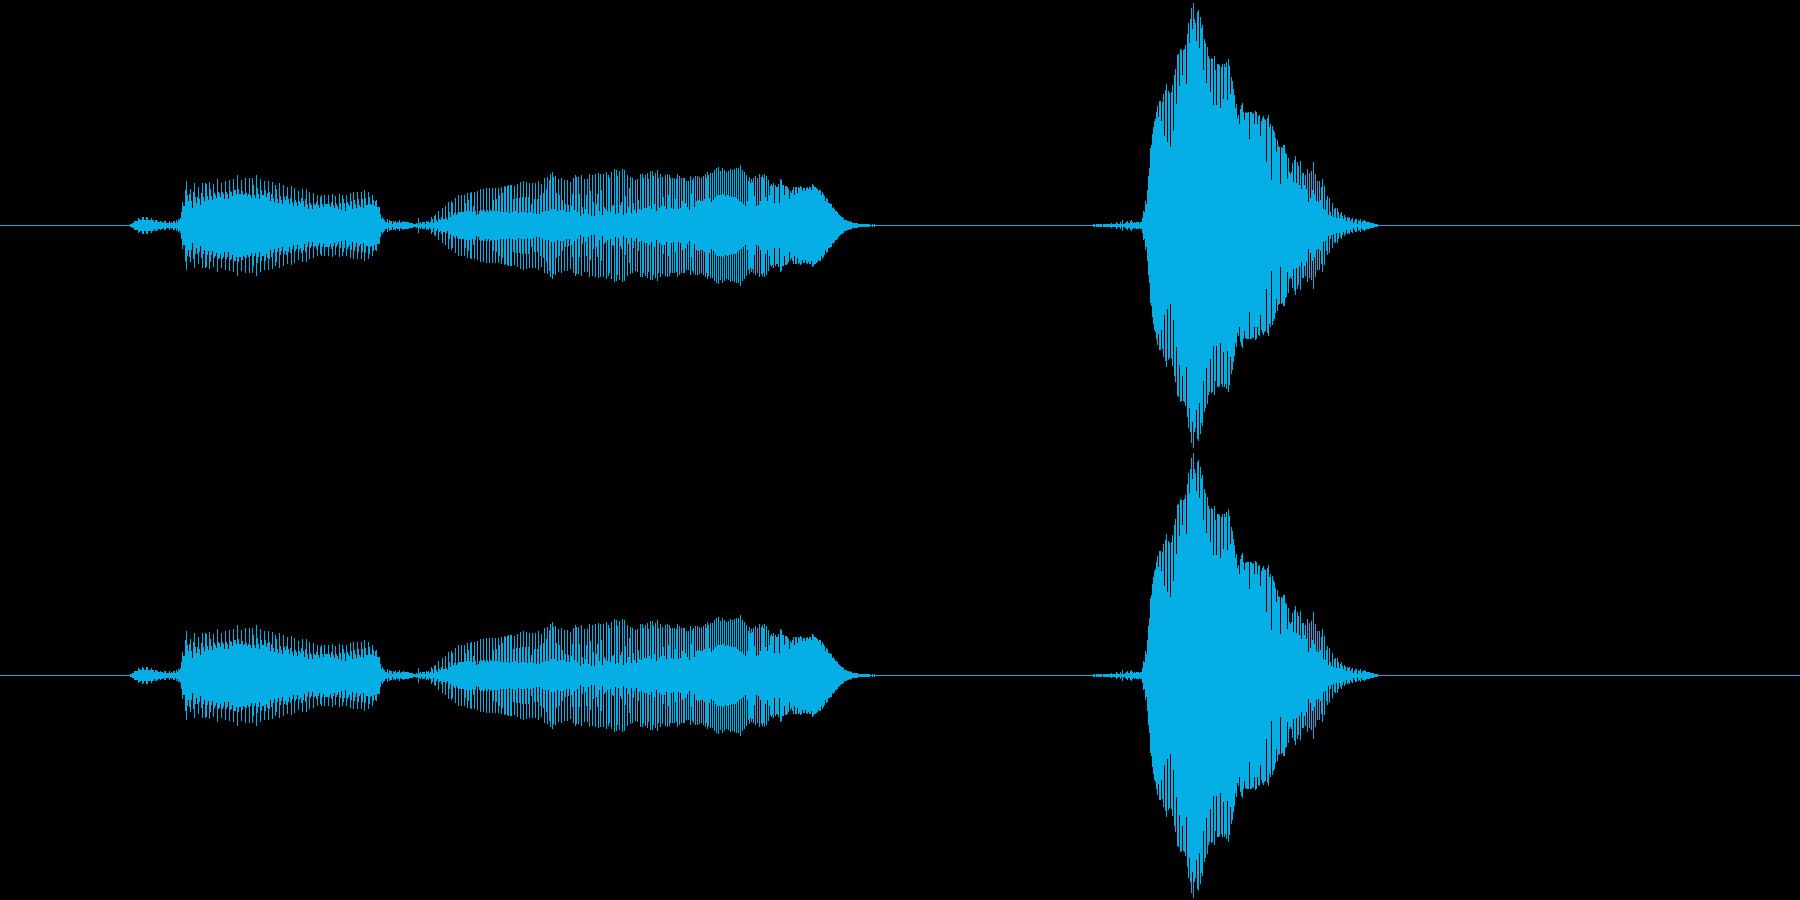 レディー、ファイ!の再生済みの波形